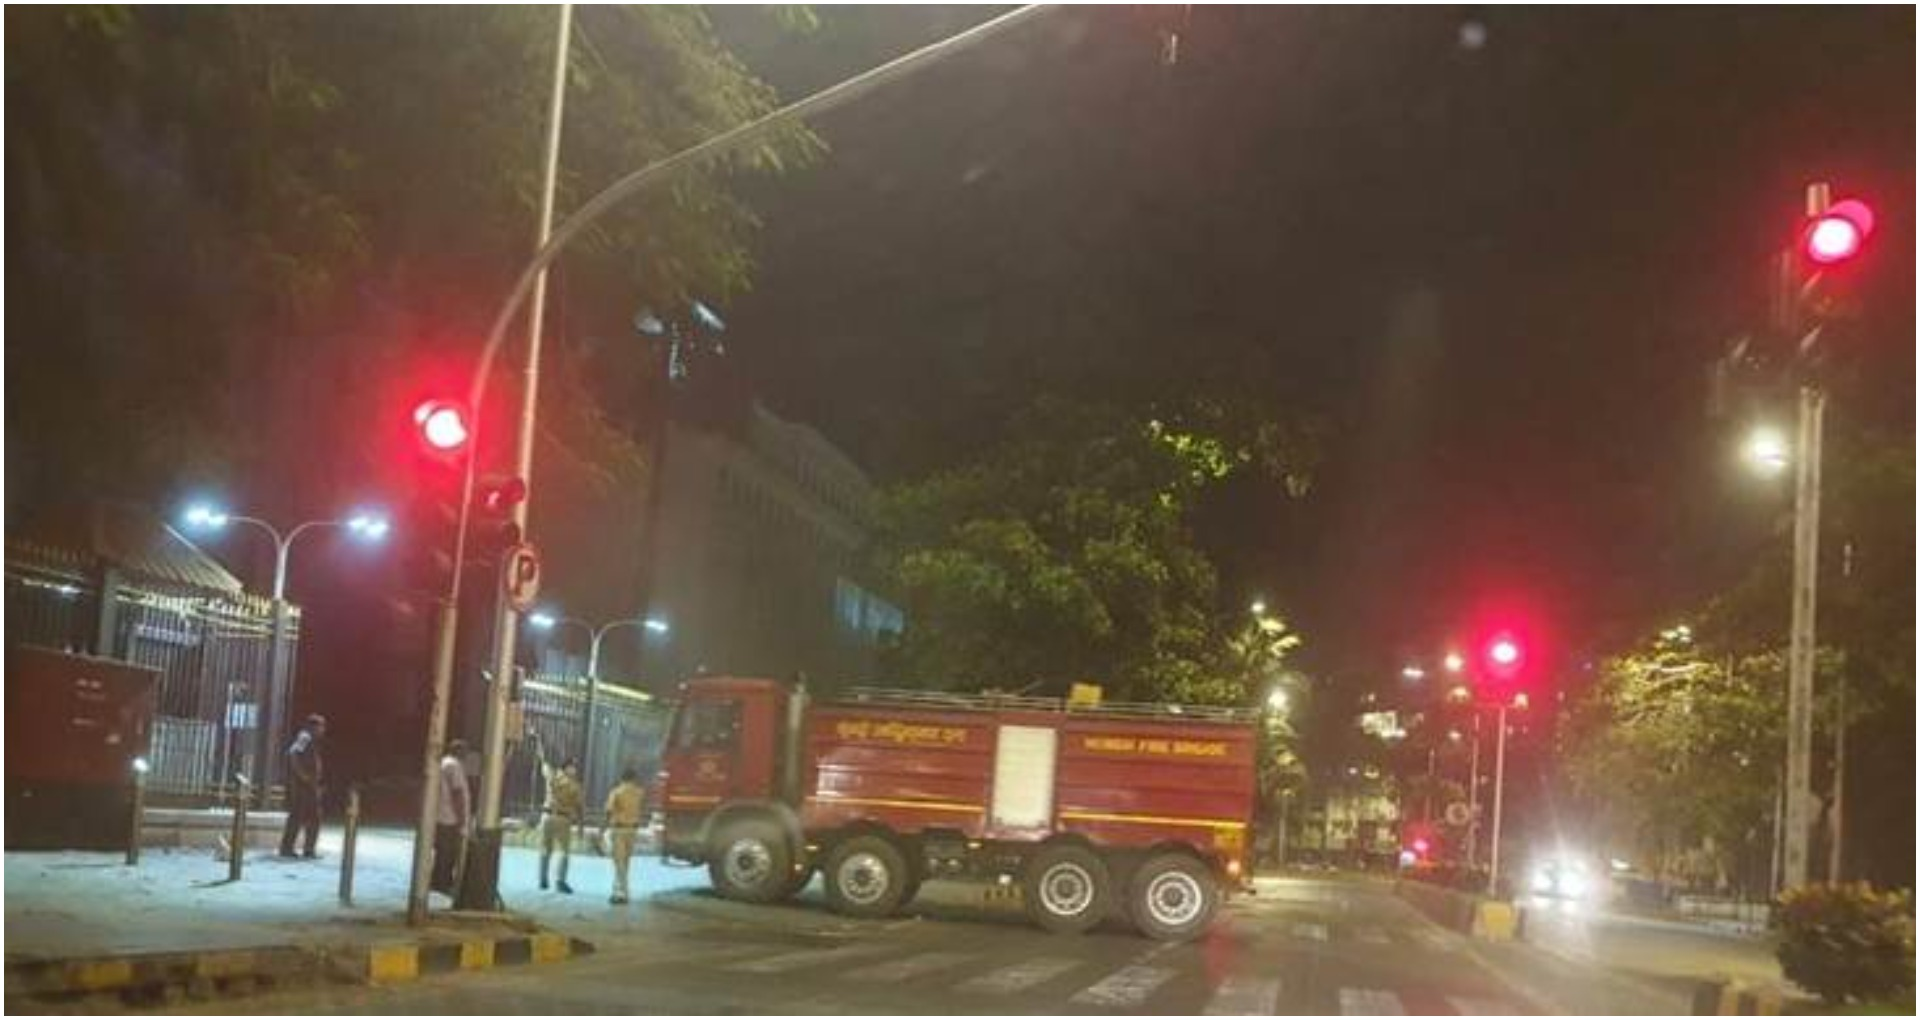 """Gas Leak: मुंबई में गैस लीक होने की सूचना से मचा हड़कंप, मंत्री आदित्य ठाकरे ने कहा-""""हालात नियंत्रण में है"""""""